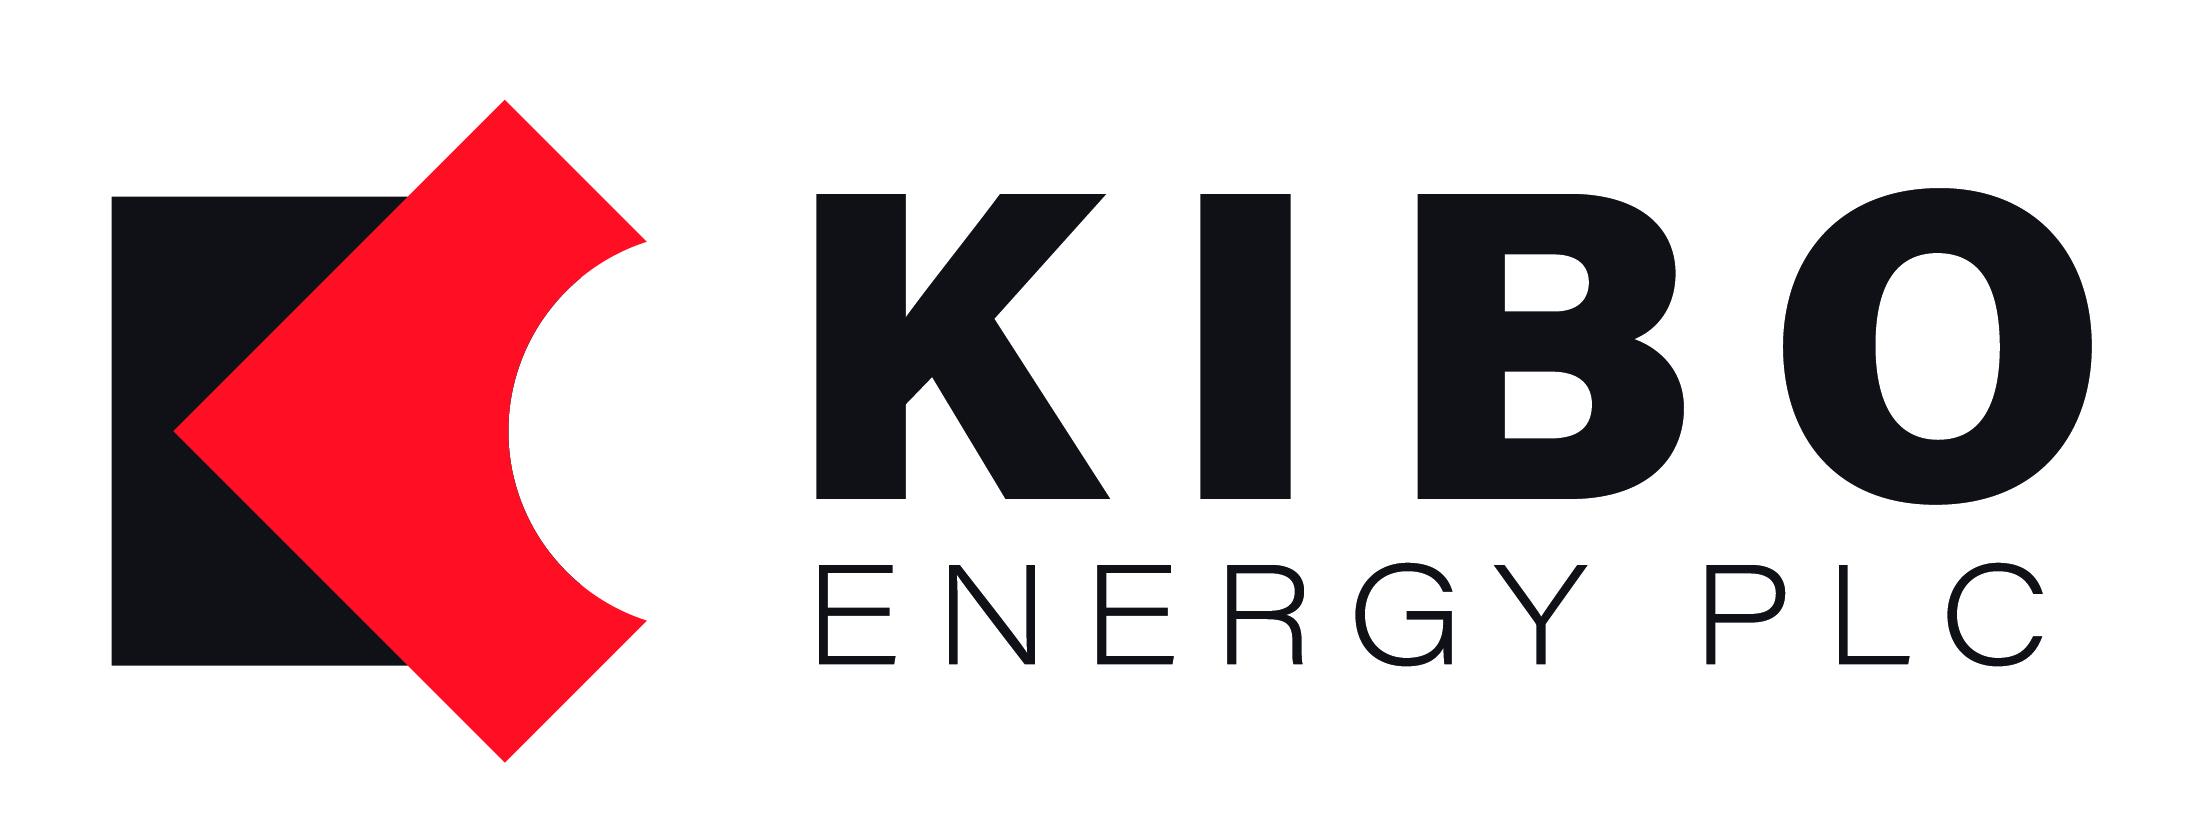 KIBO energy_logo_artwork_CMYK-01.jpg